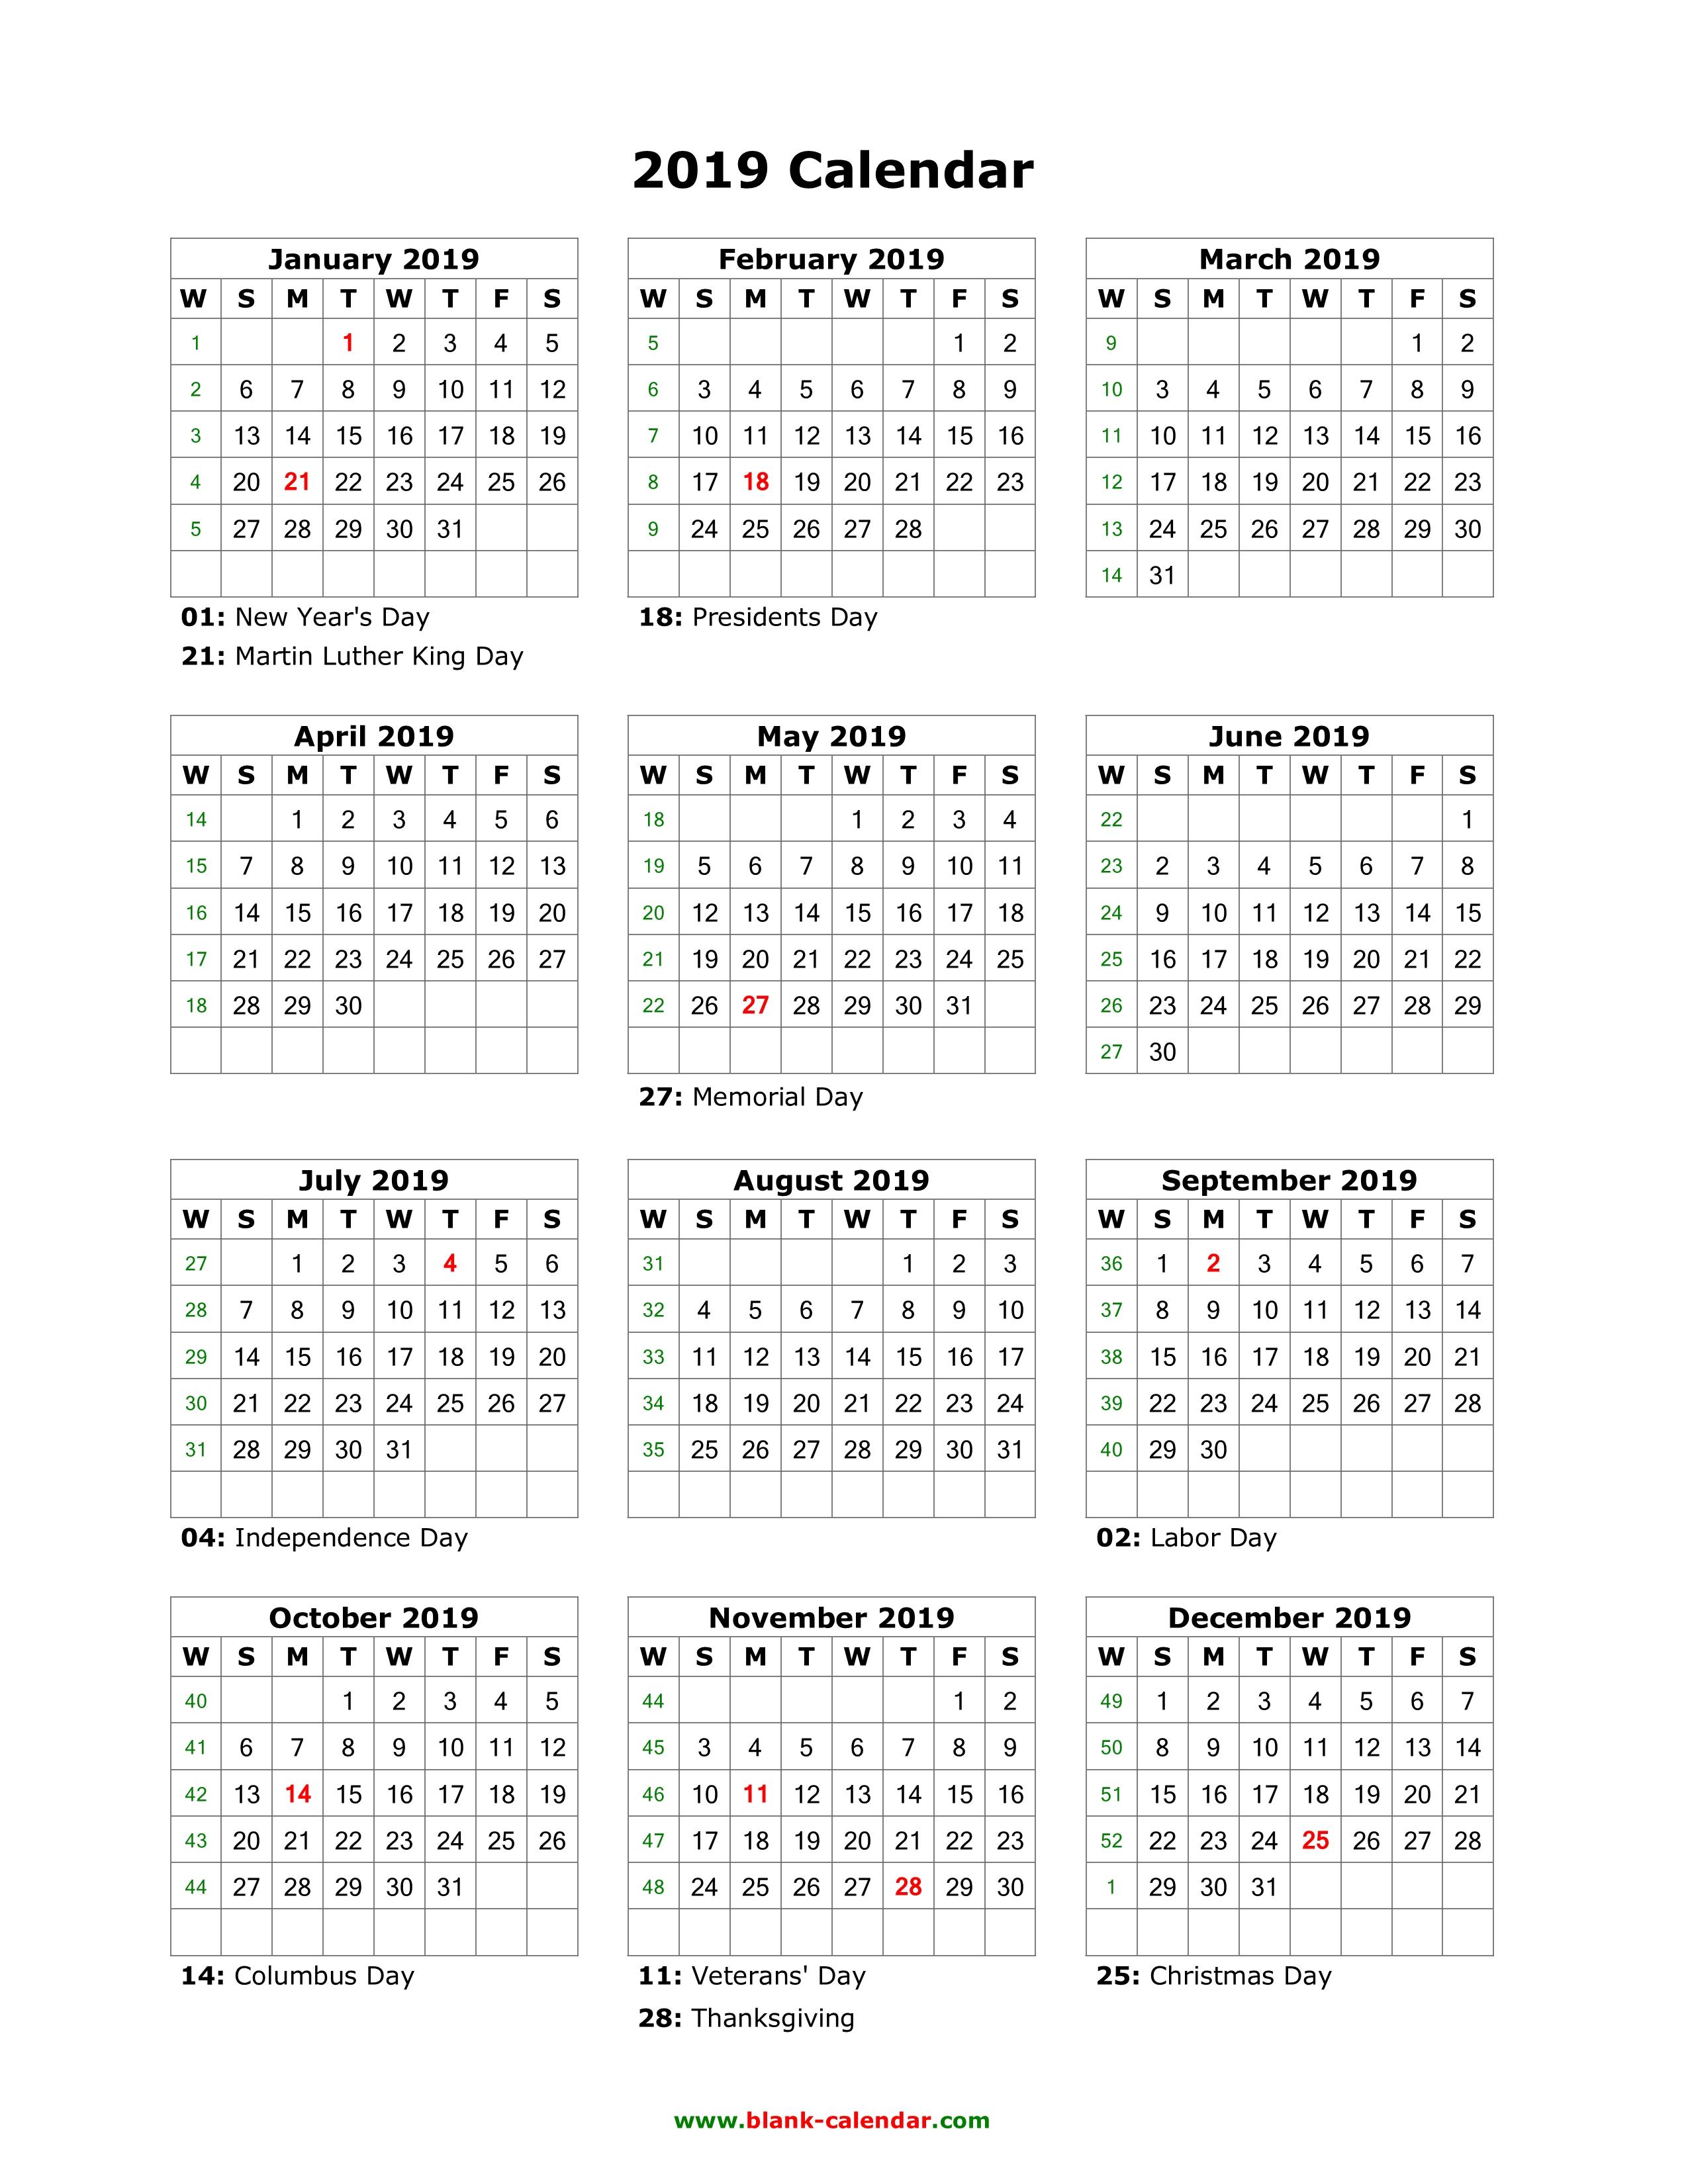 Blank Calendar 17-18